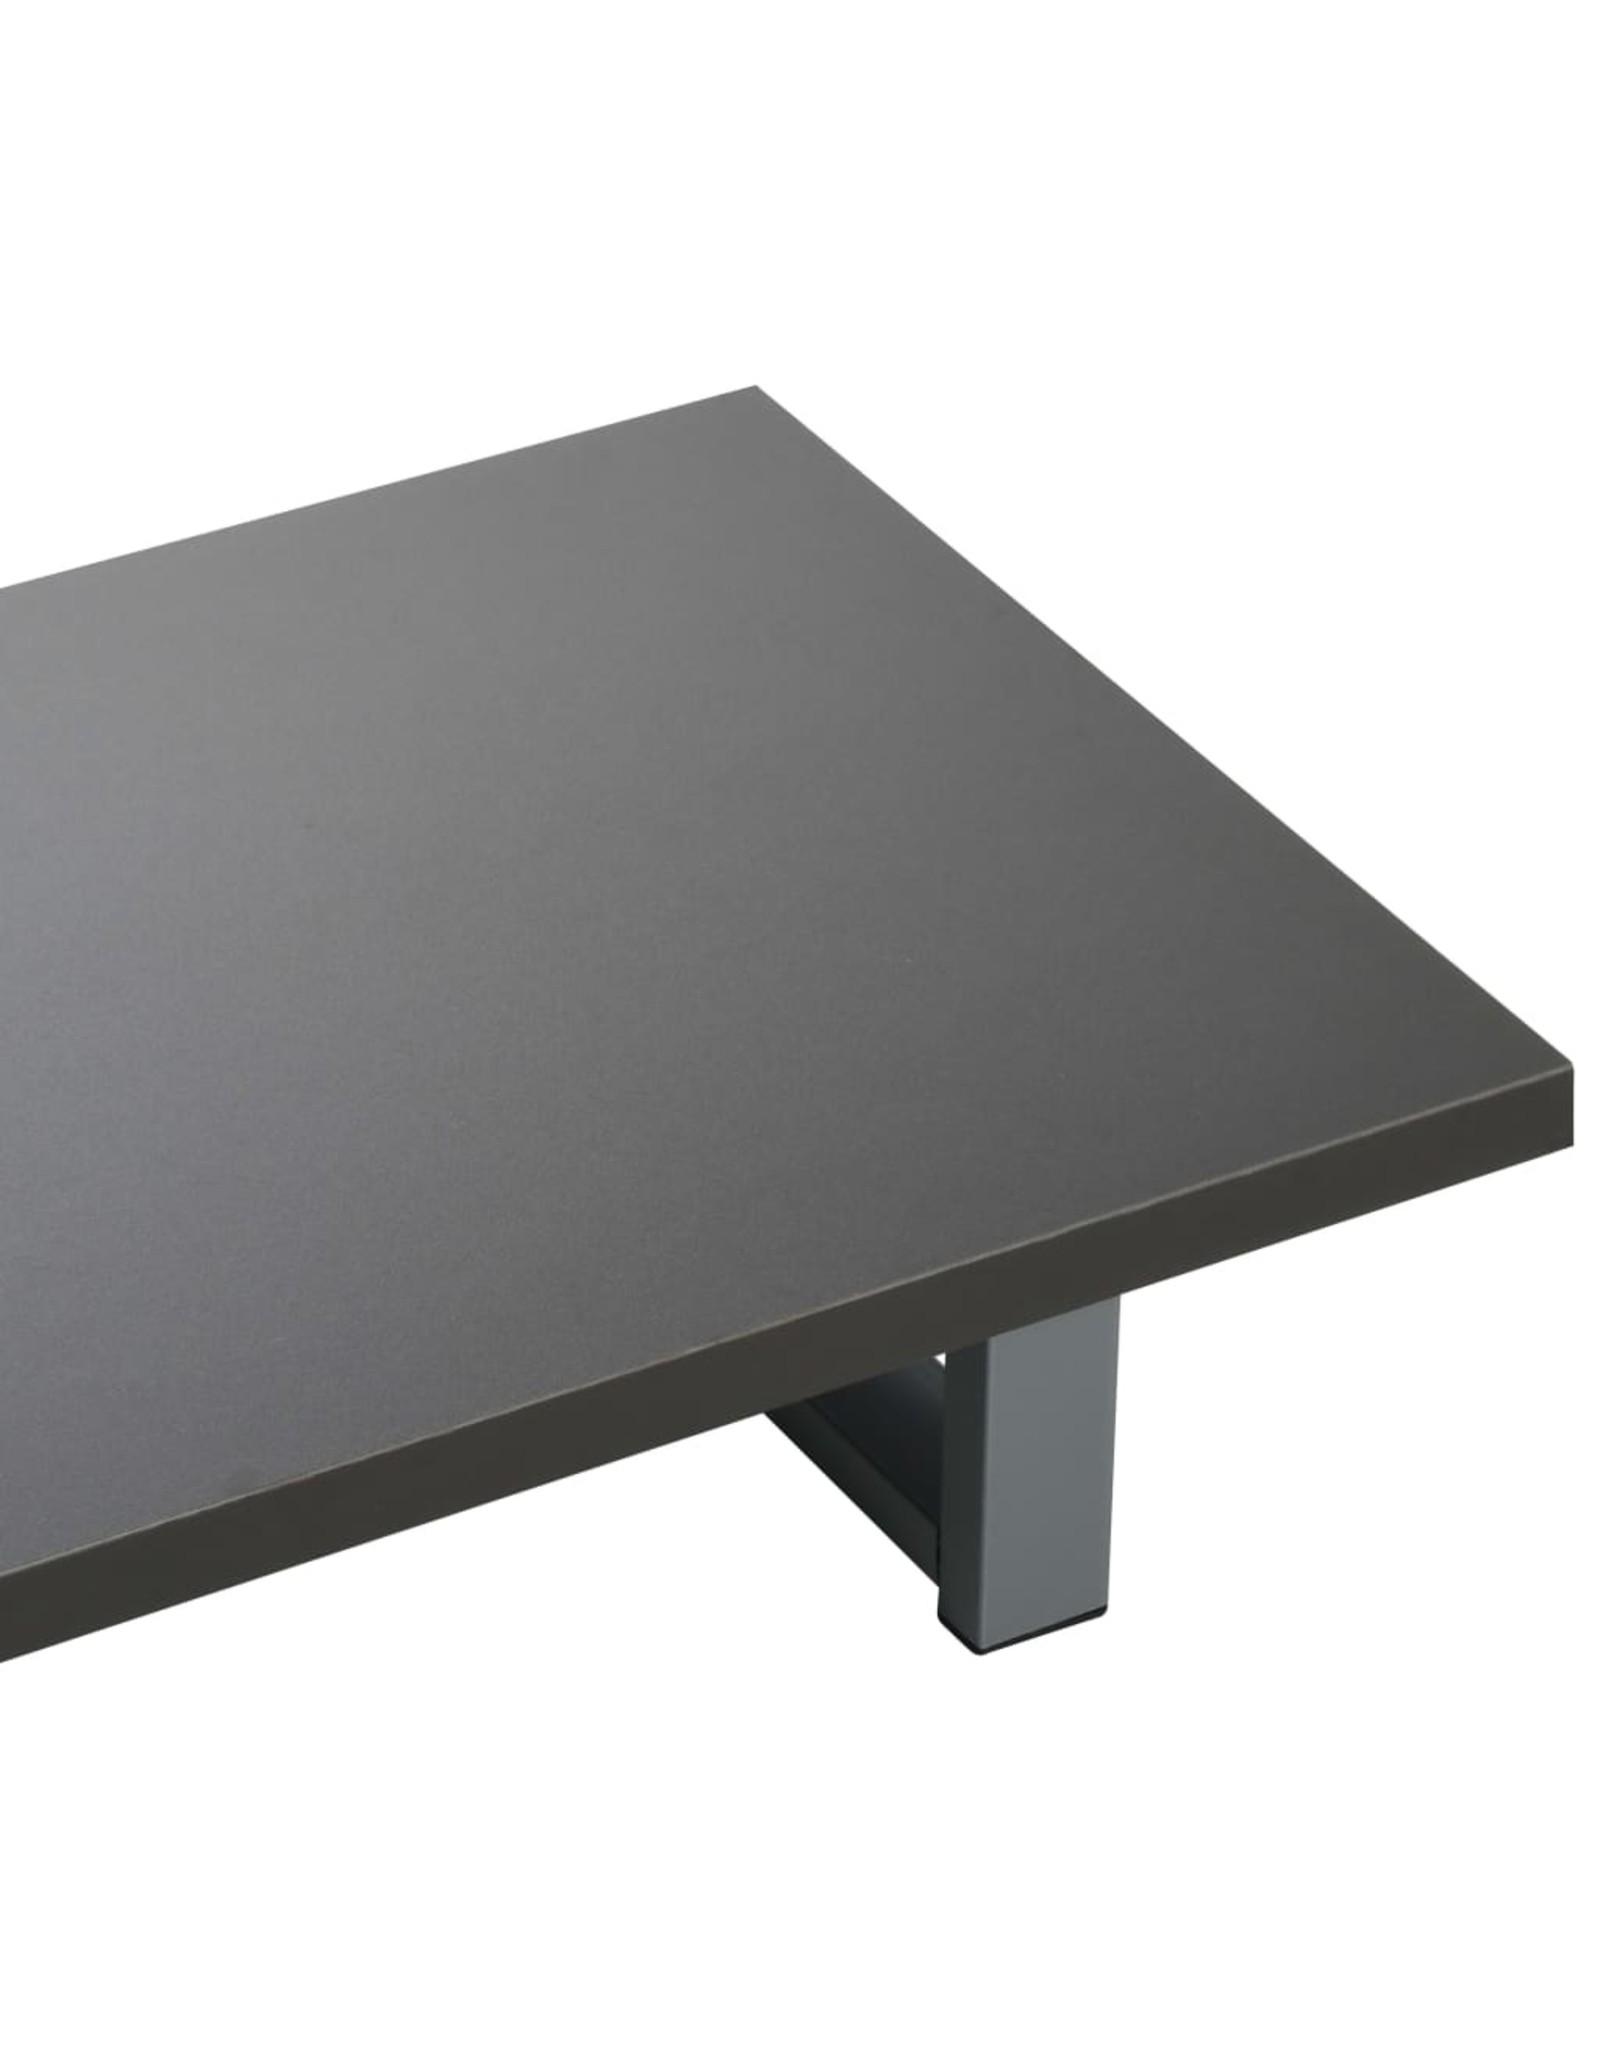 Badkamermeubel 60x40x16,3 cm grijs